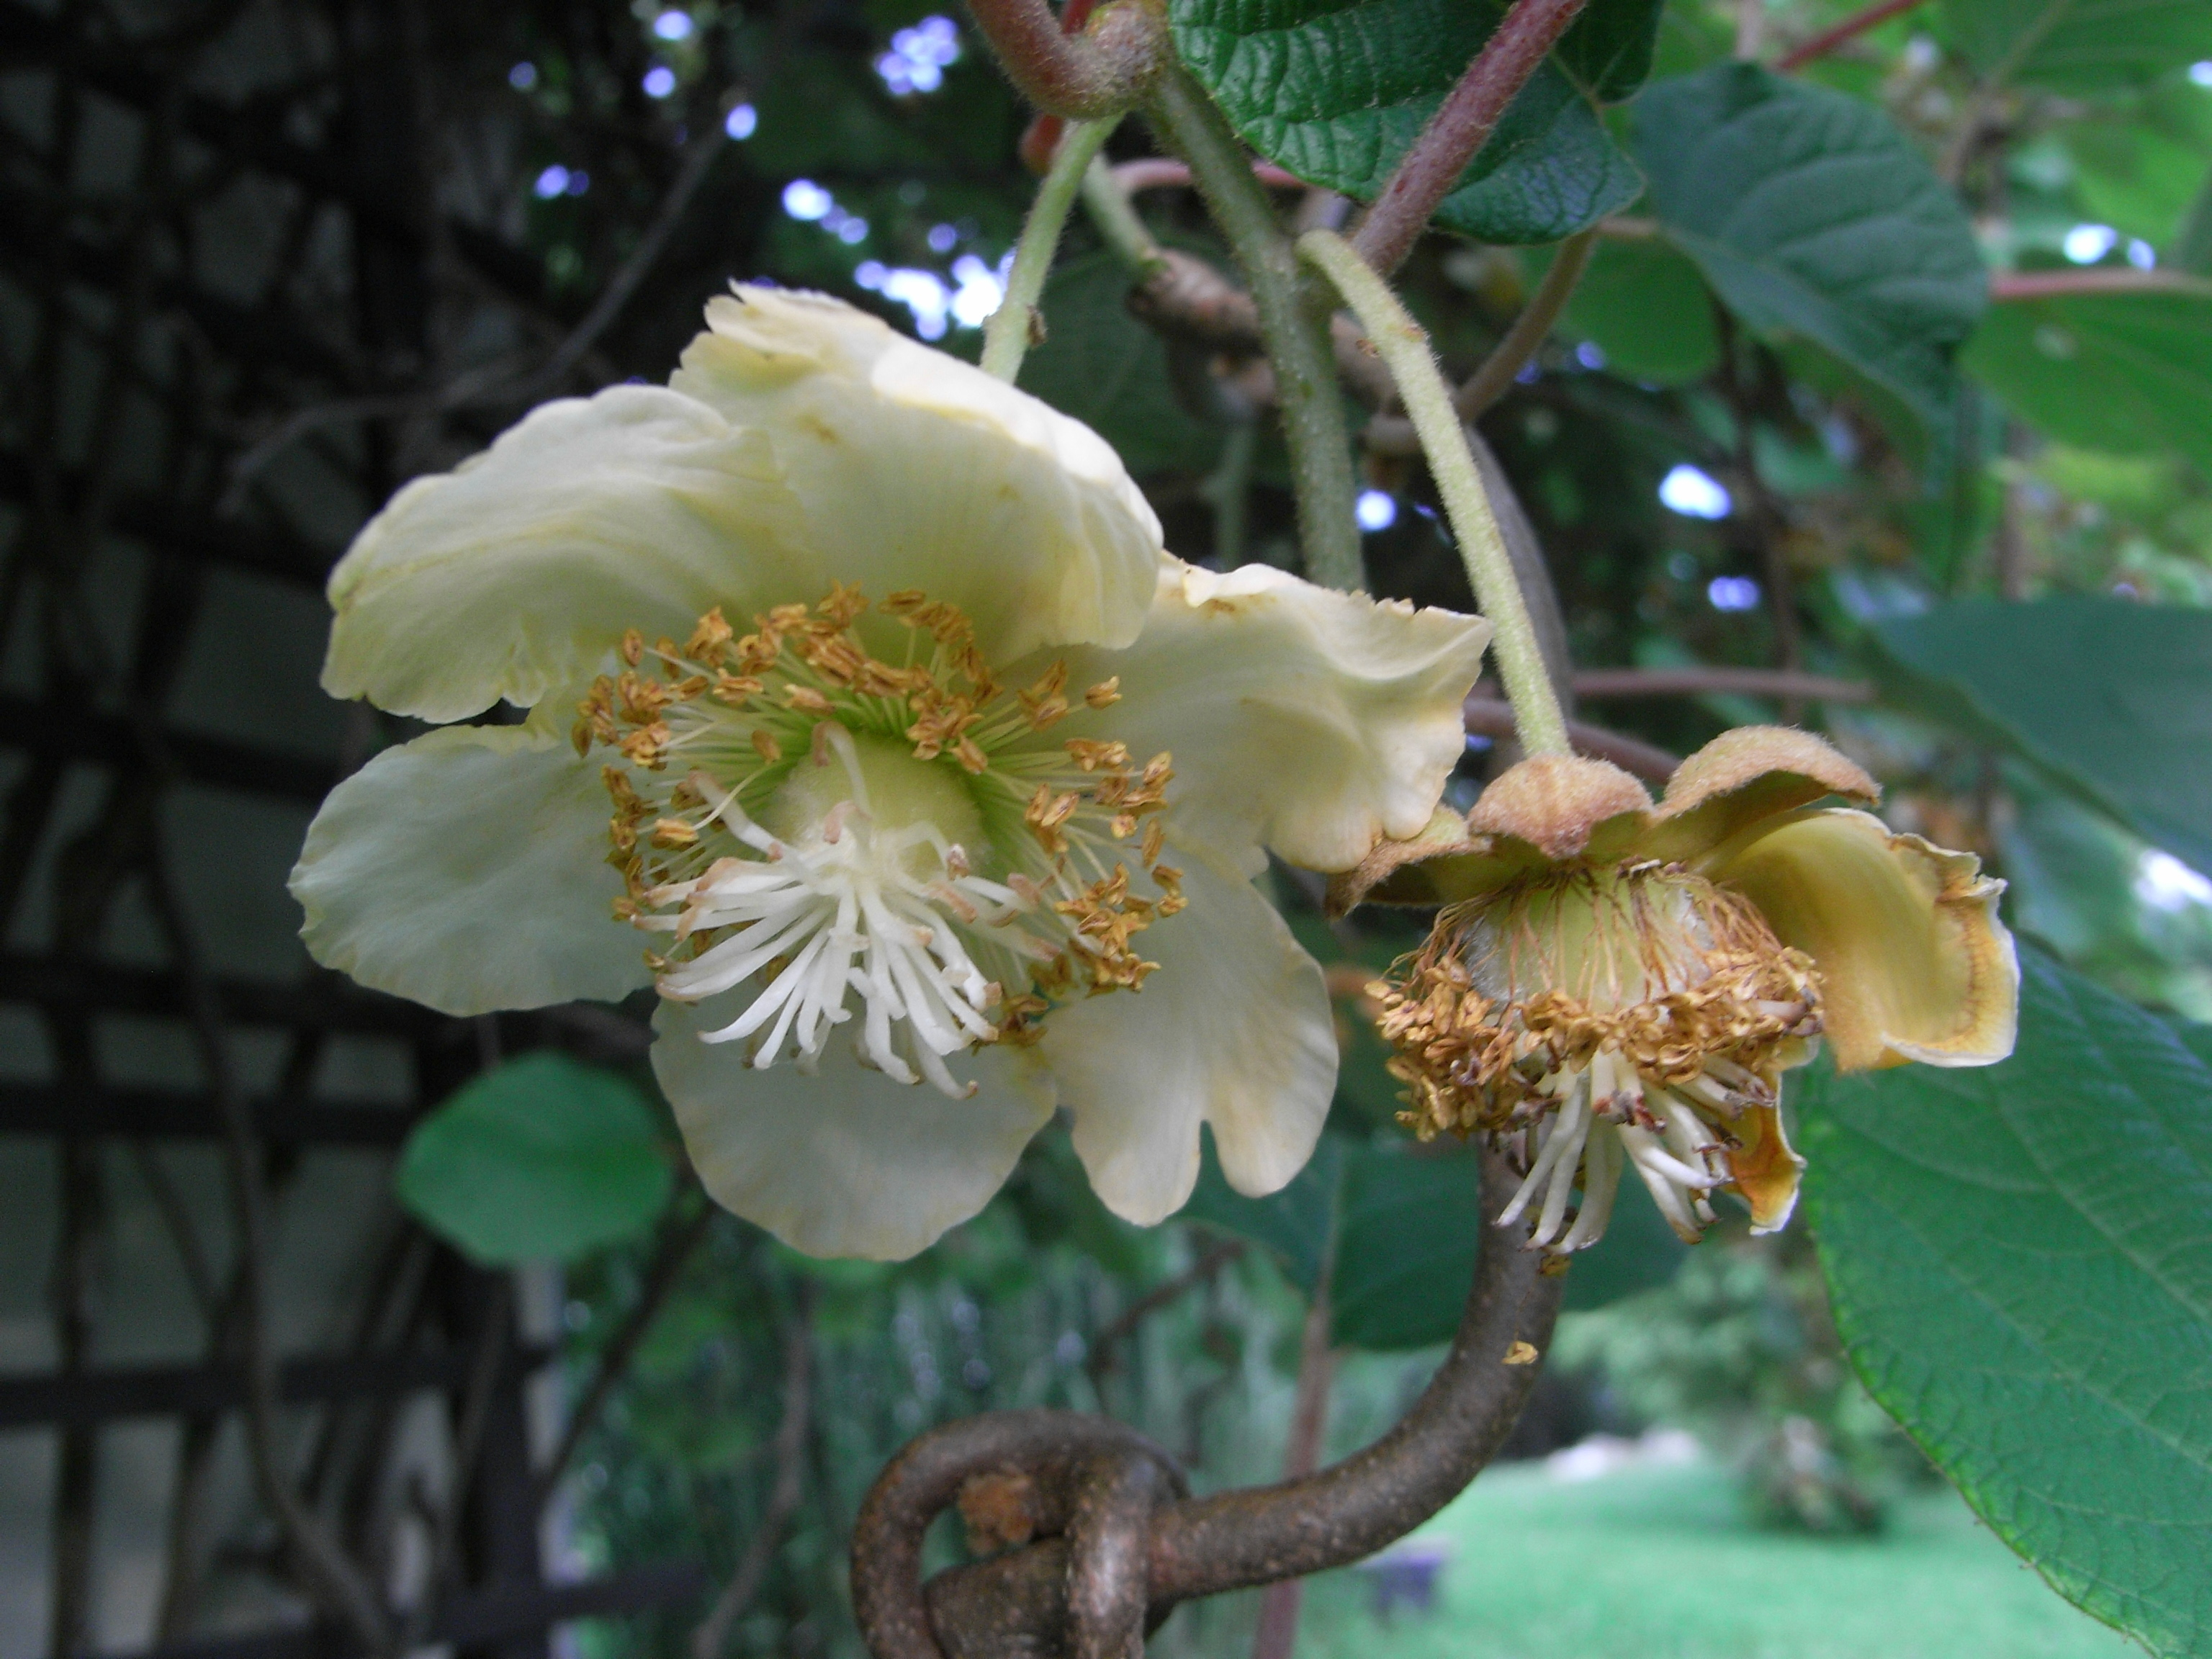 Image of kiwifruit